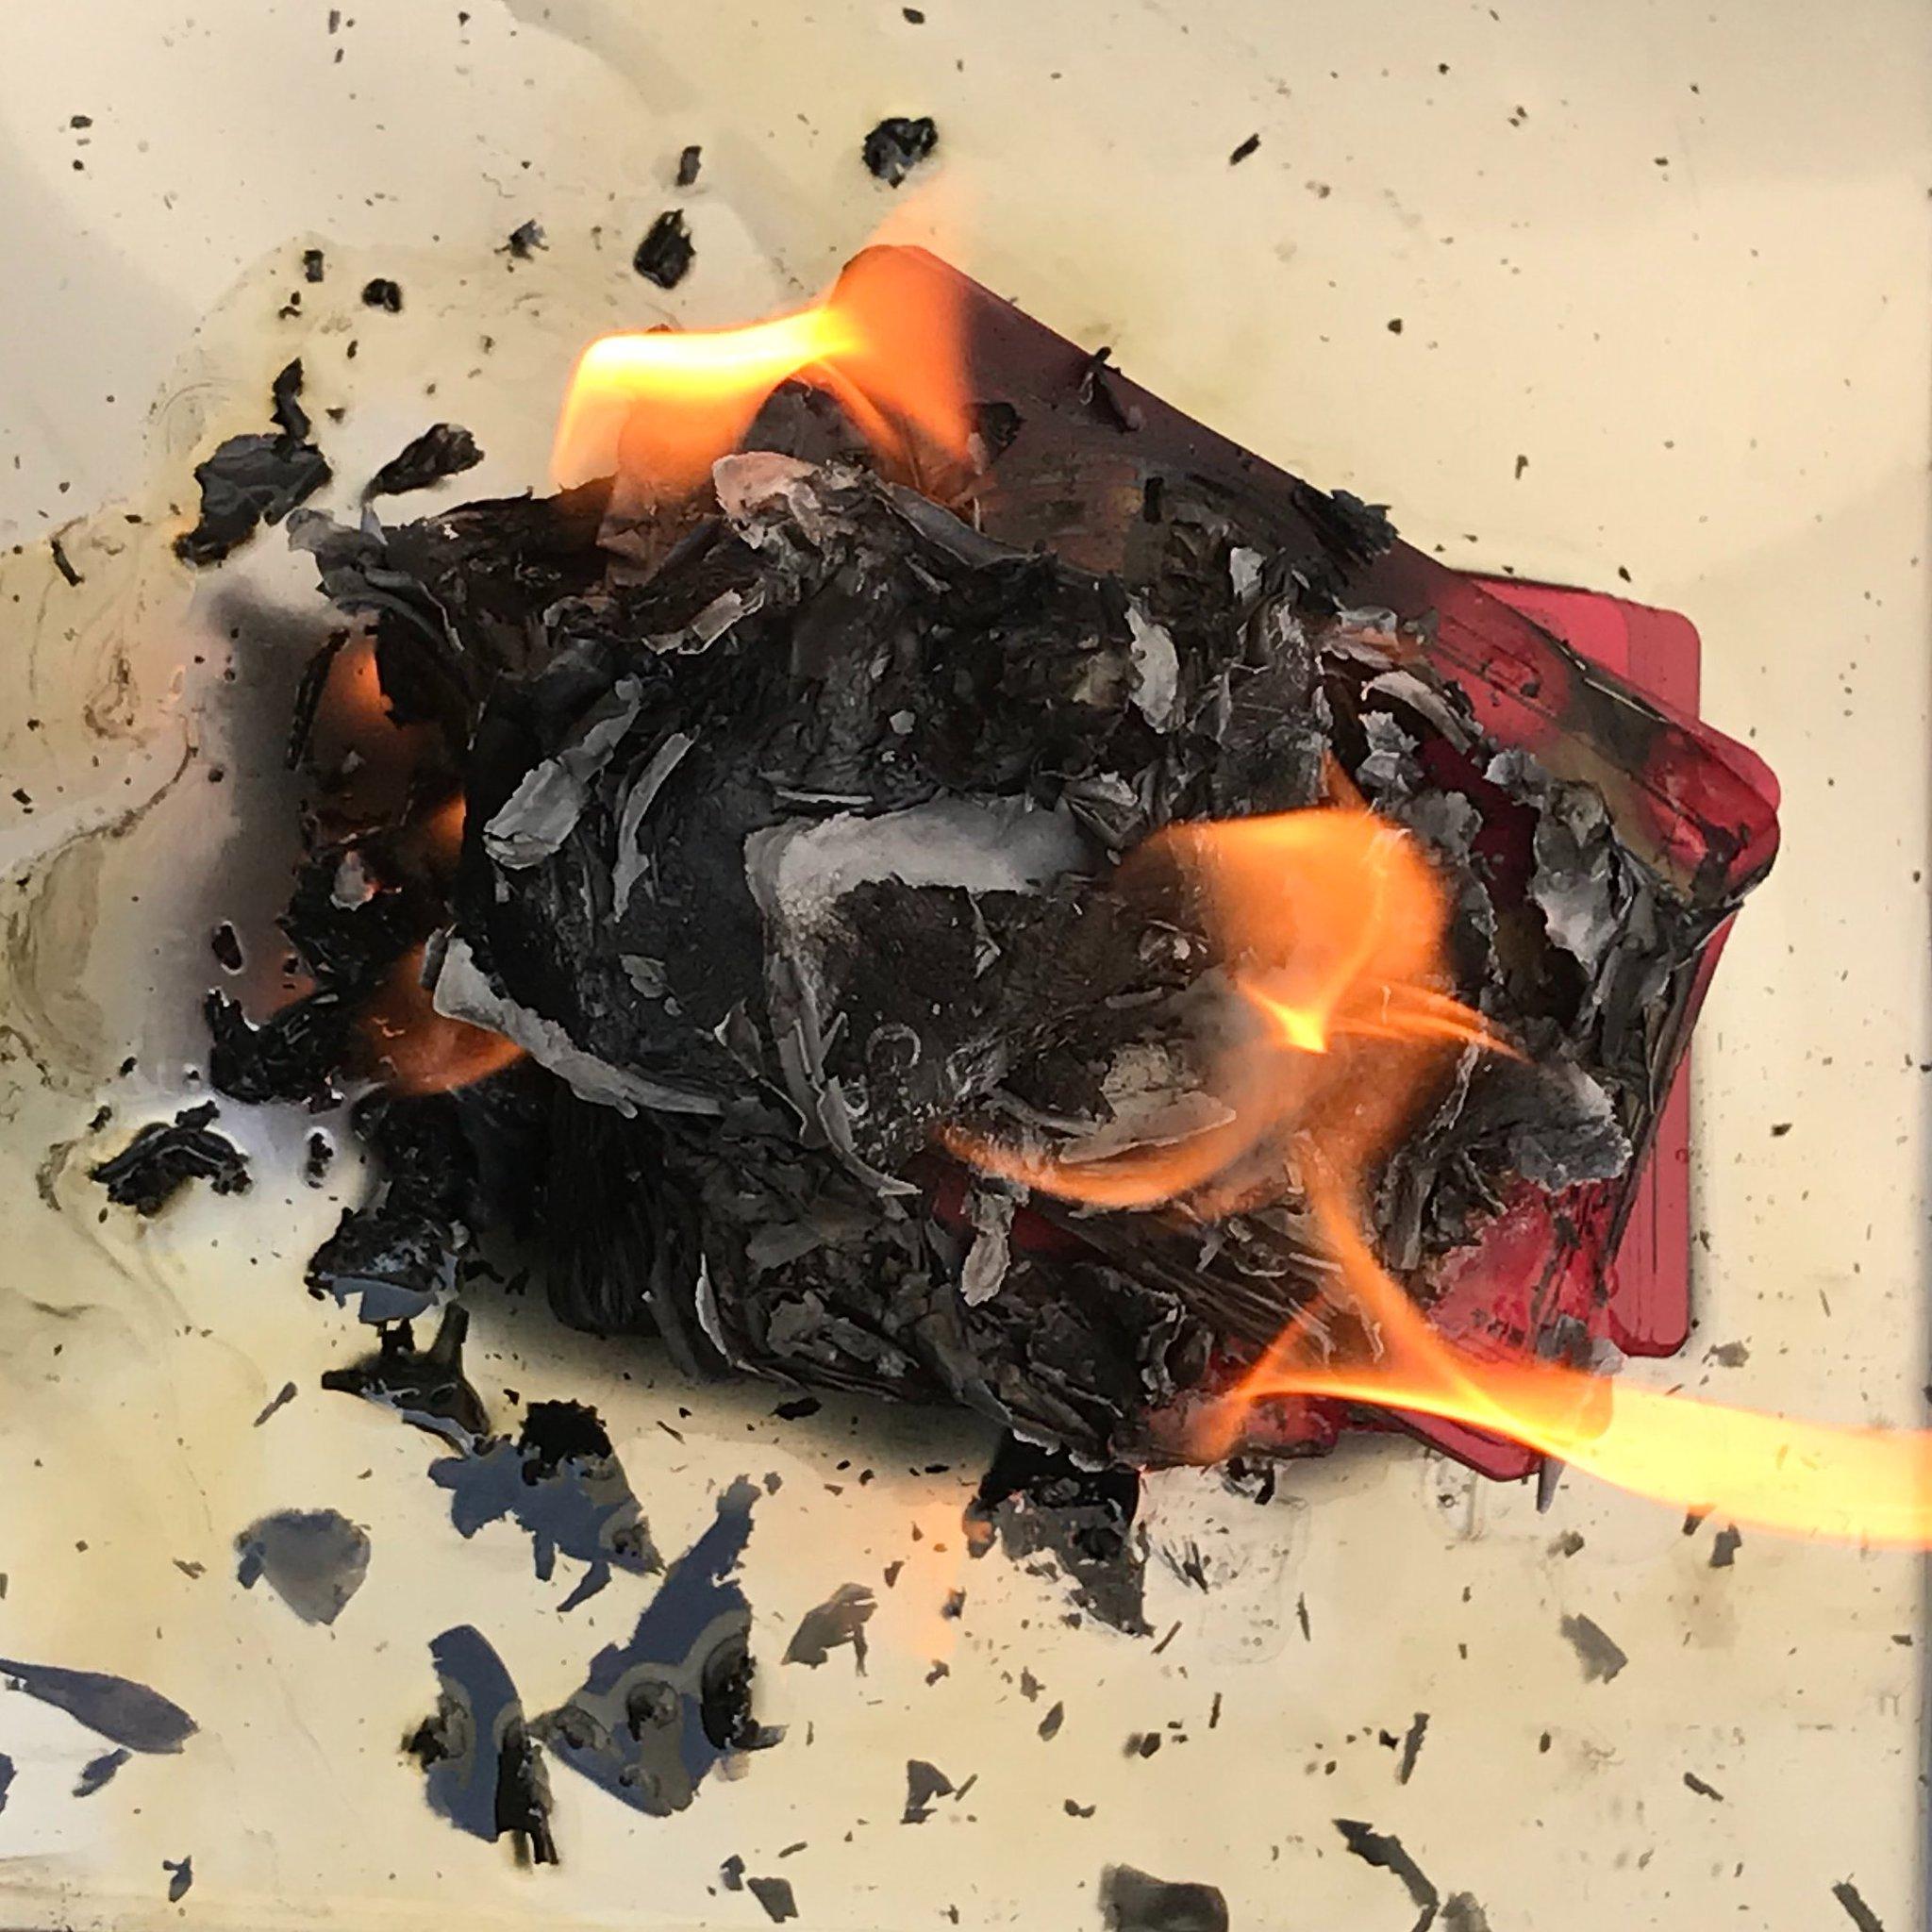 """セラの報復者 on Twitter: """"無料体験デッキで遊んだ感想としては、全然燃えないので油をかけてようやくという感じです。 また、多くのアンチが 焼き芋を作ったと言ってますが、このようにゲートルーラーで焼き芋は困難であり、アンチは嘘を言っていることが明らかになり ..."""